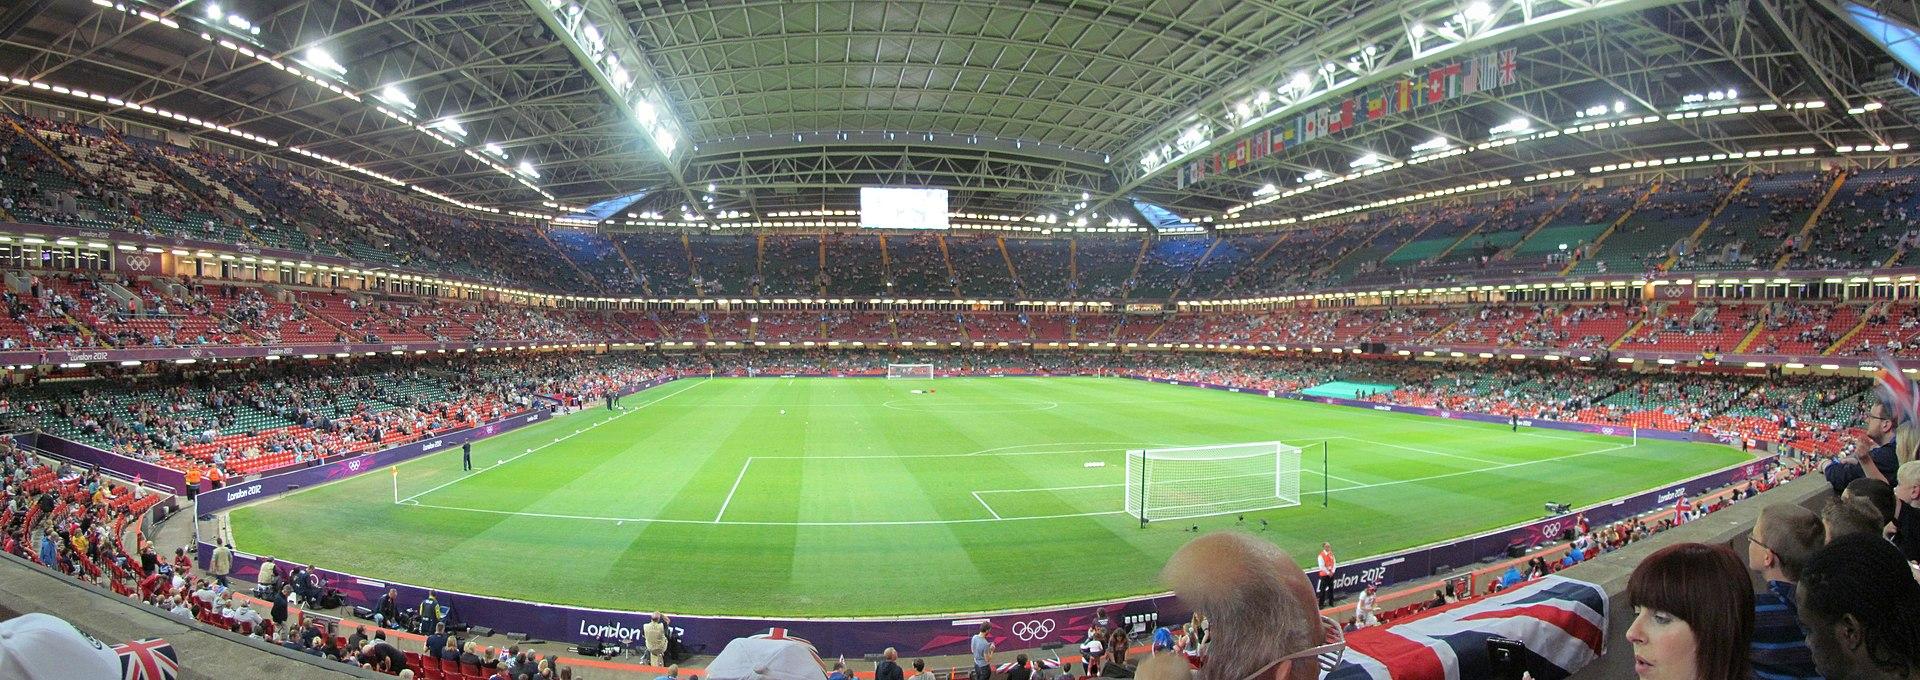 Imagen panorámica del Millennium Stadium con el techo cerrado en un partido de fútbol de los Juegos Olímpicos de Londres 2012.